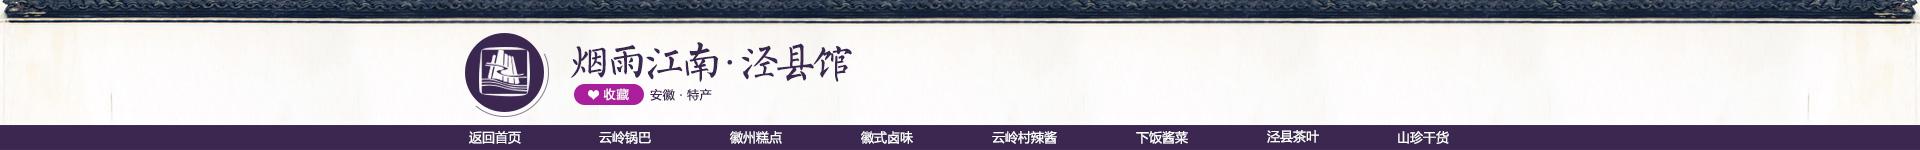 中秋页面_01.jpg